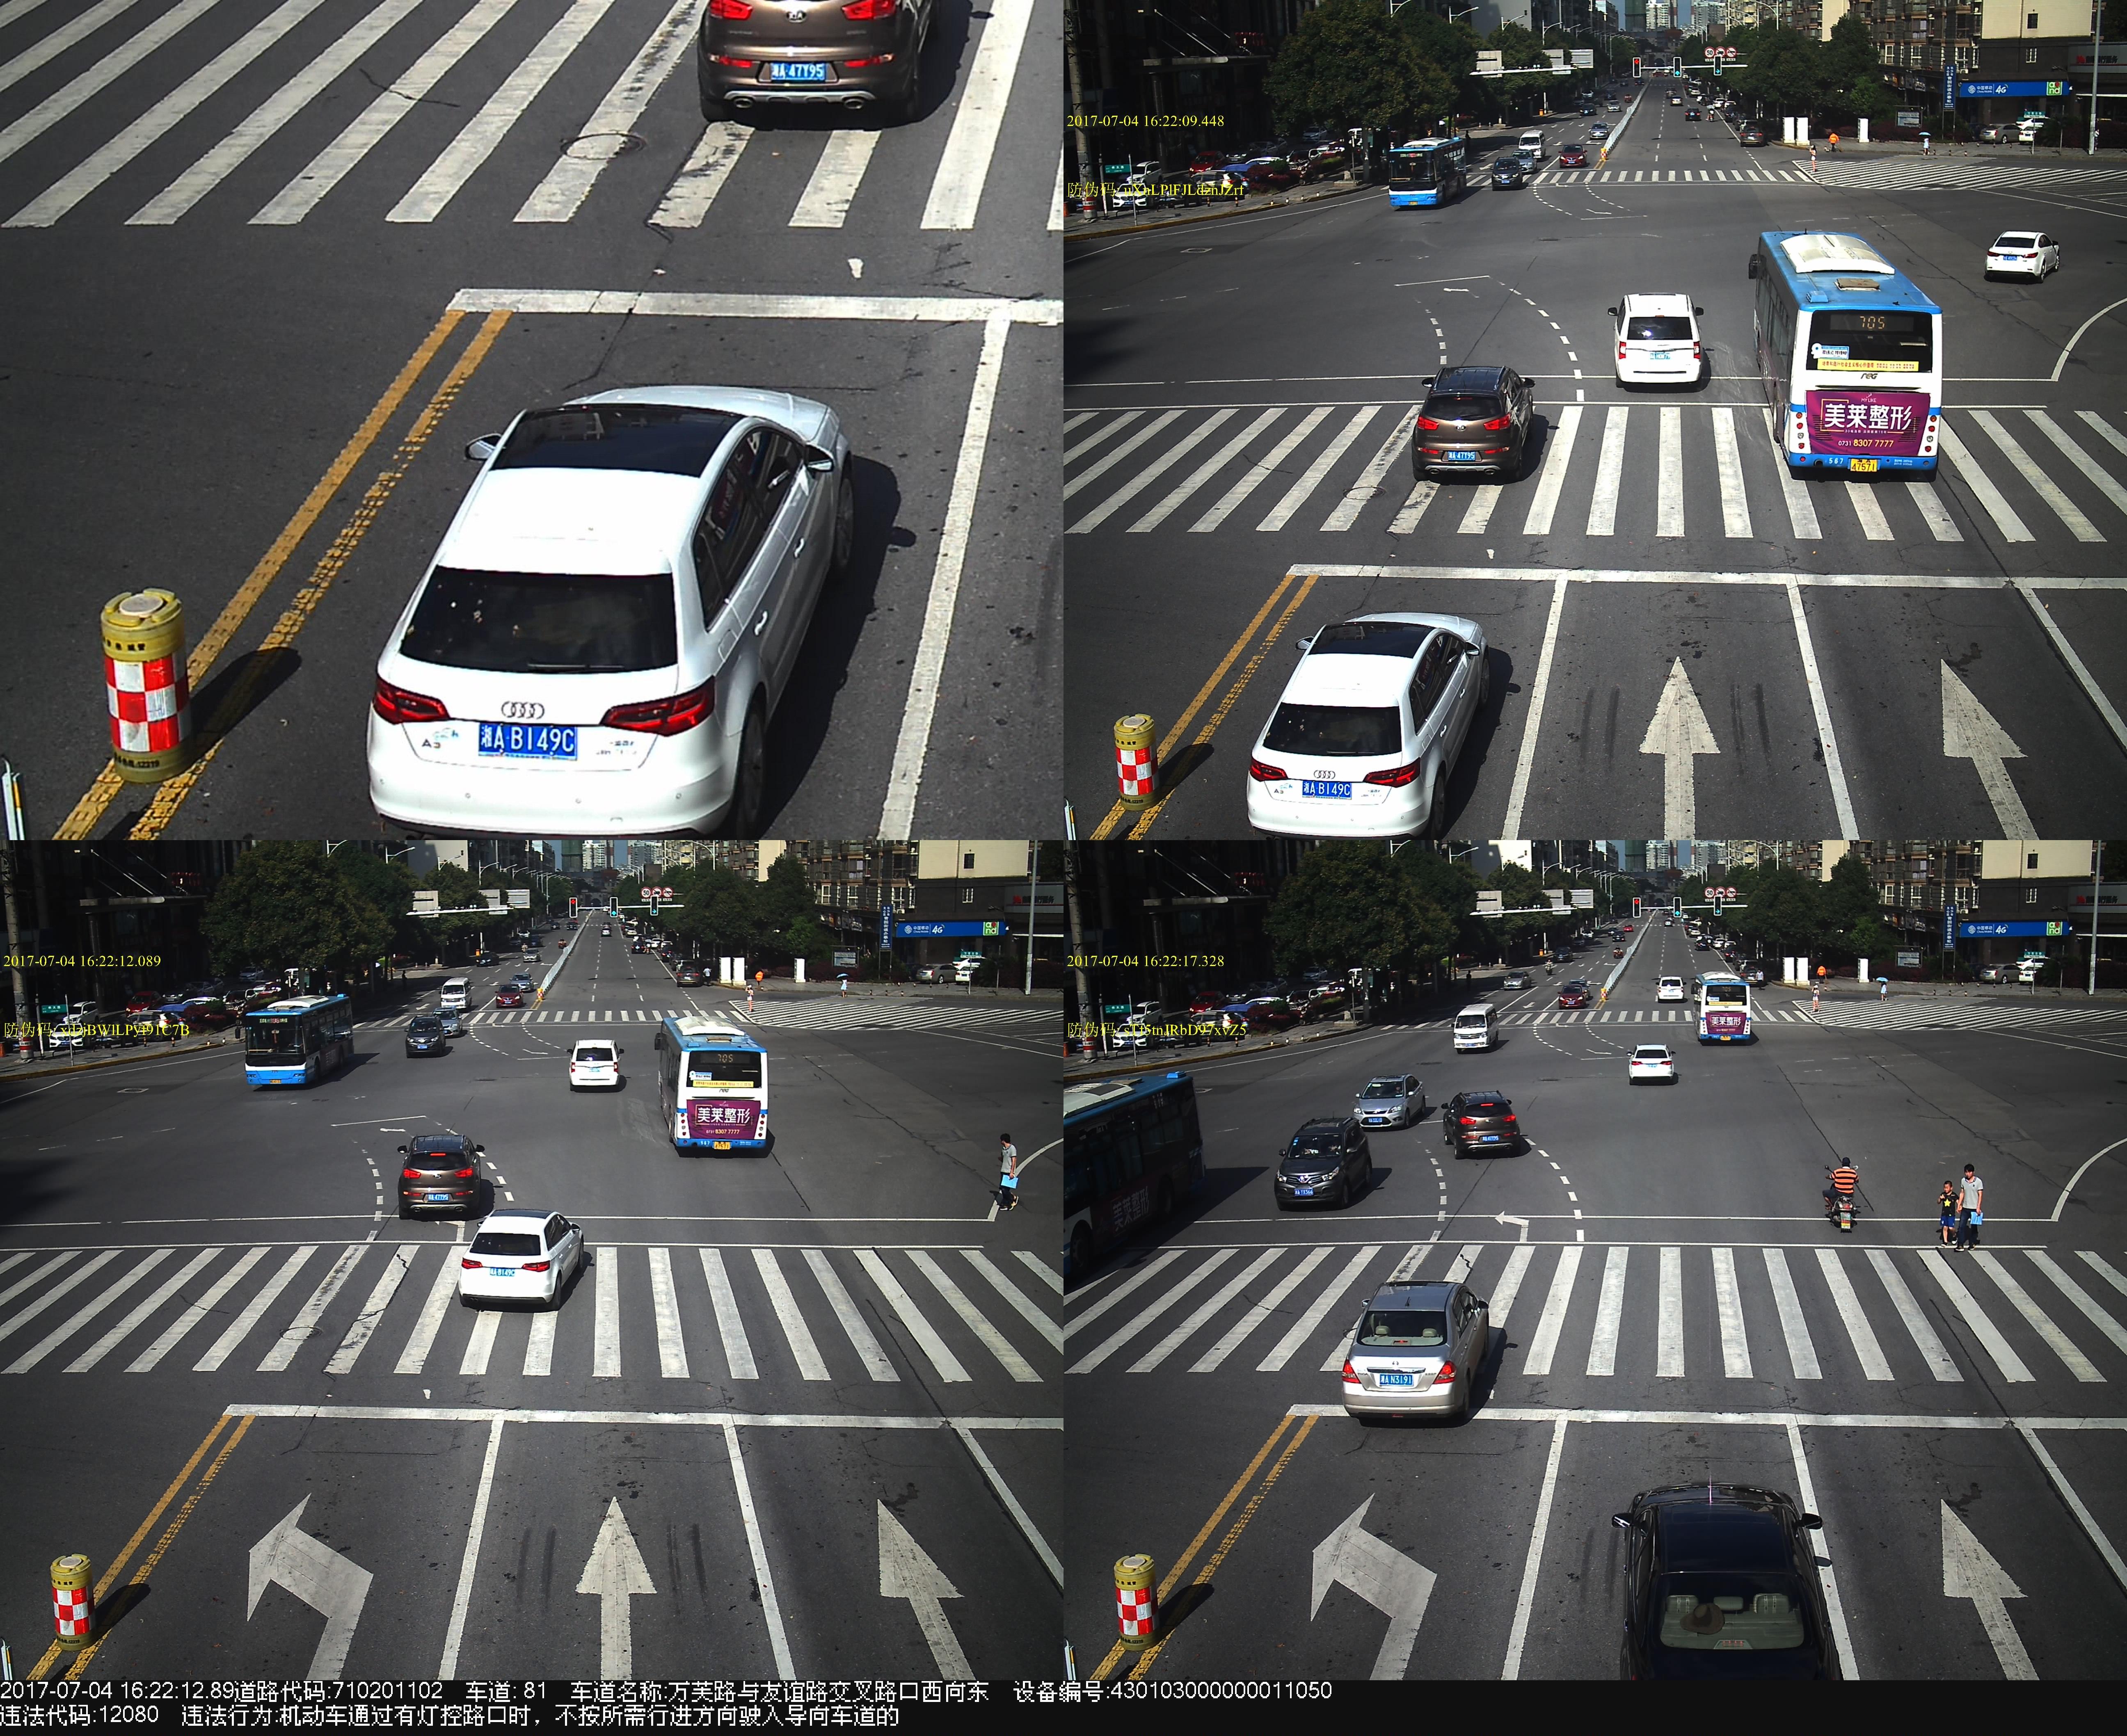 湘ab149c 不按导向车道行驶